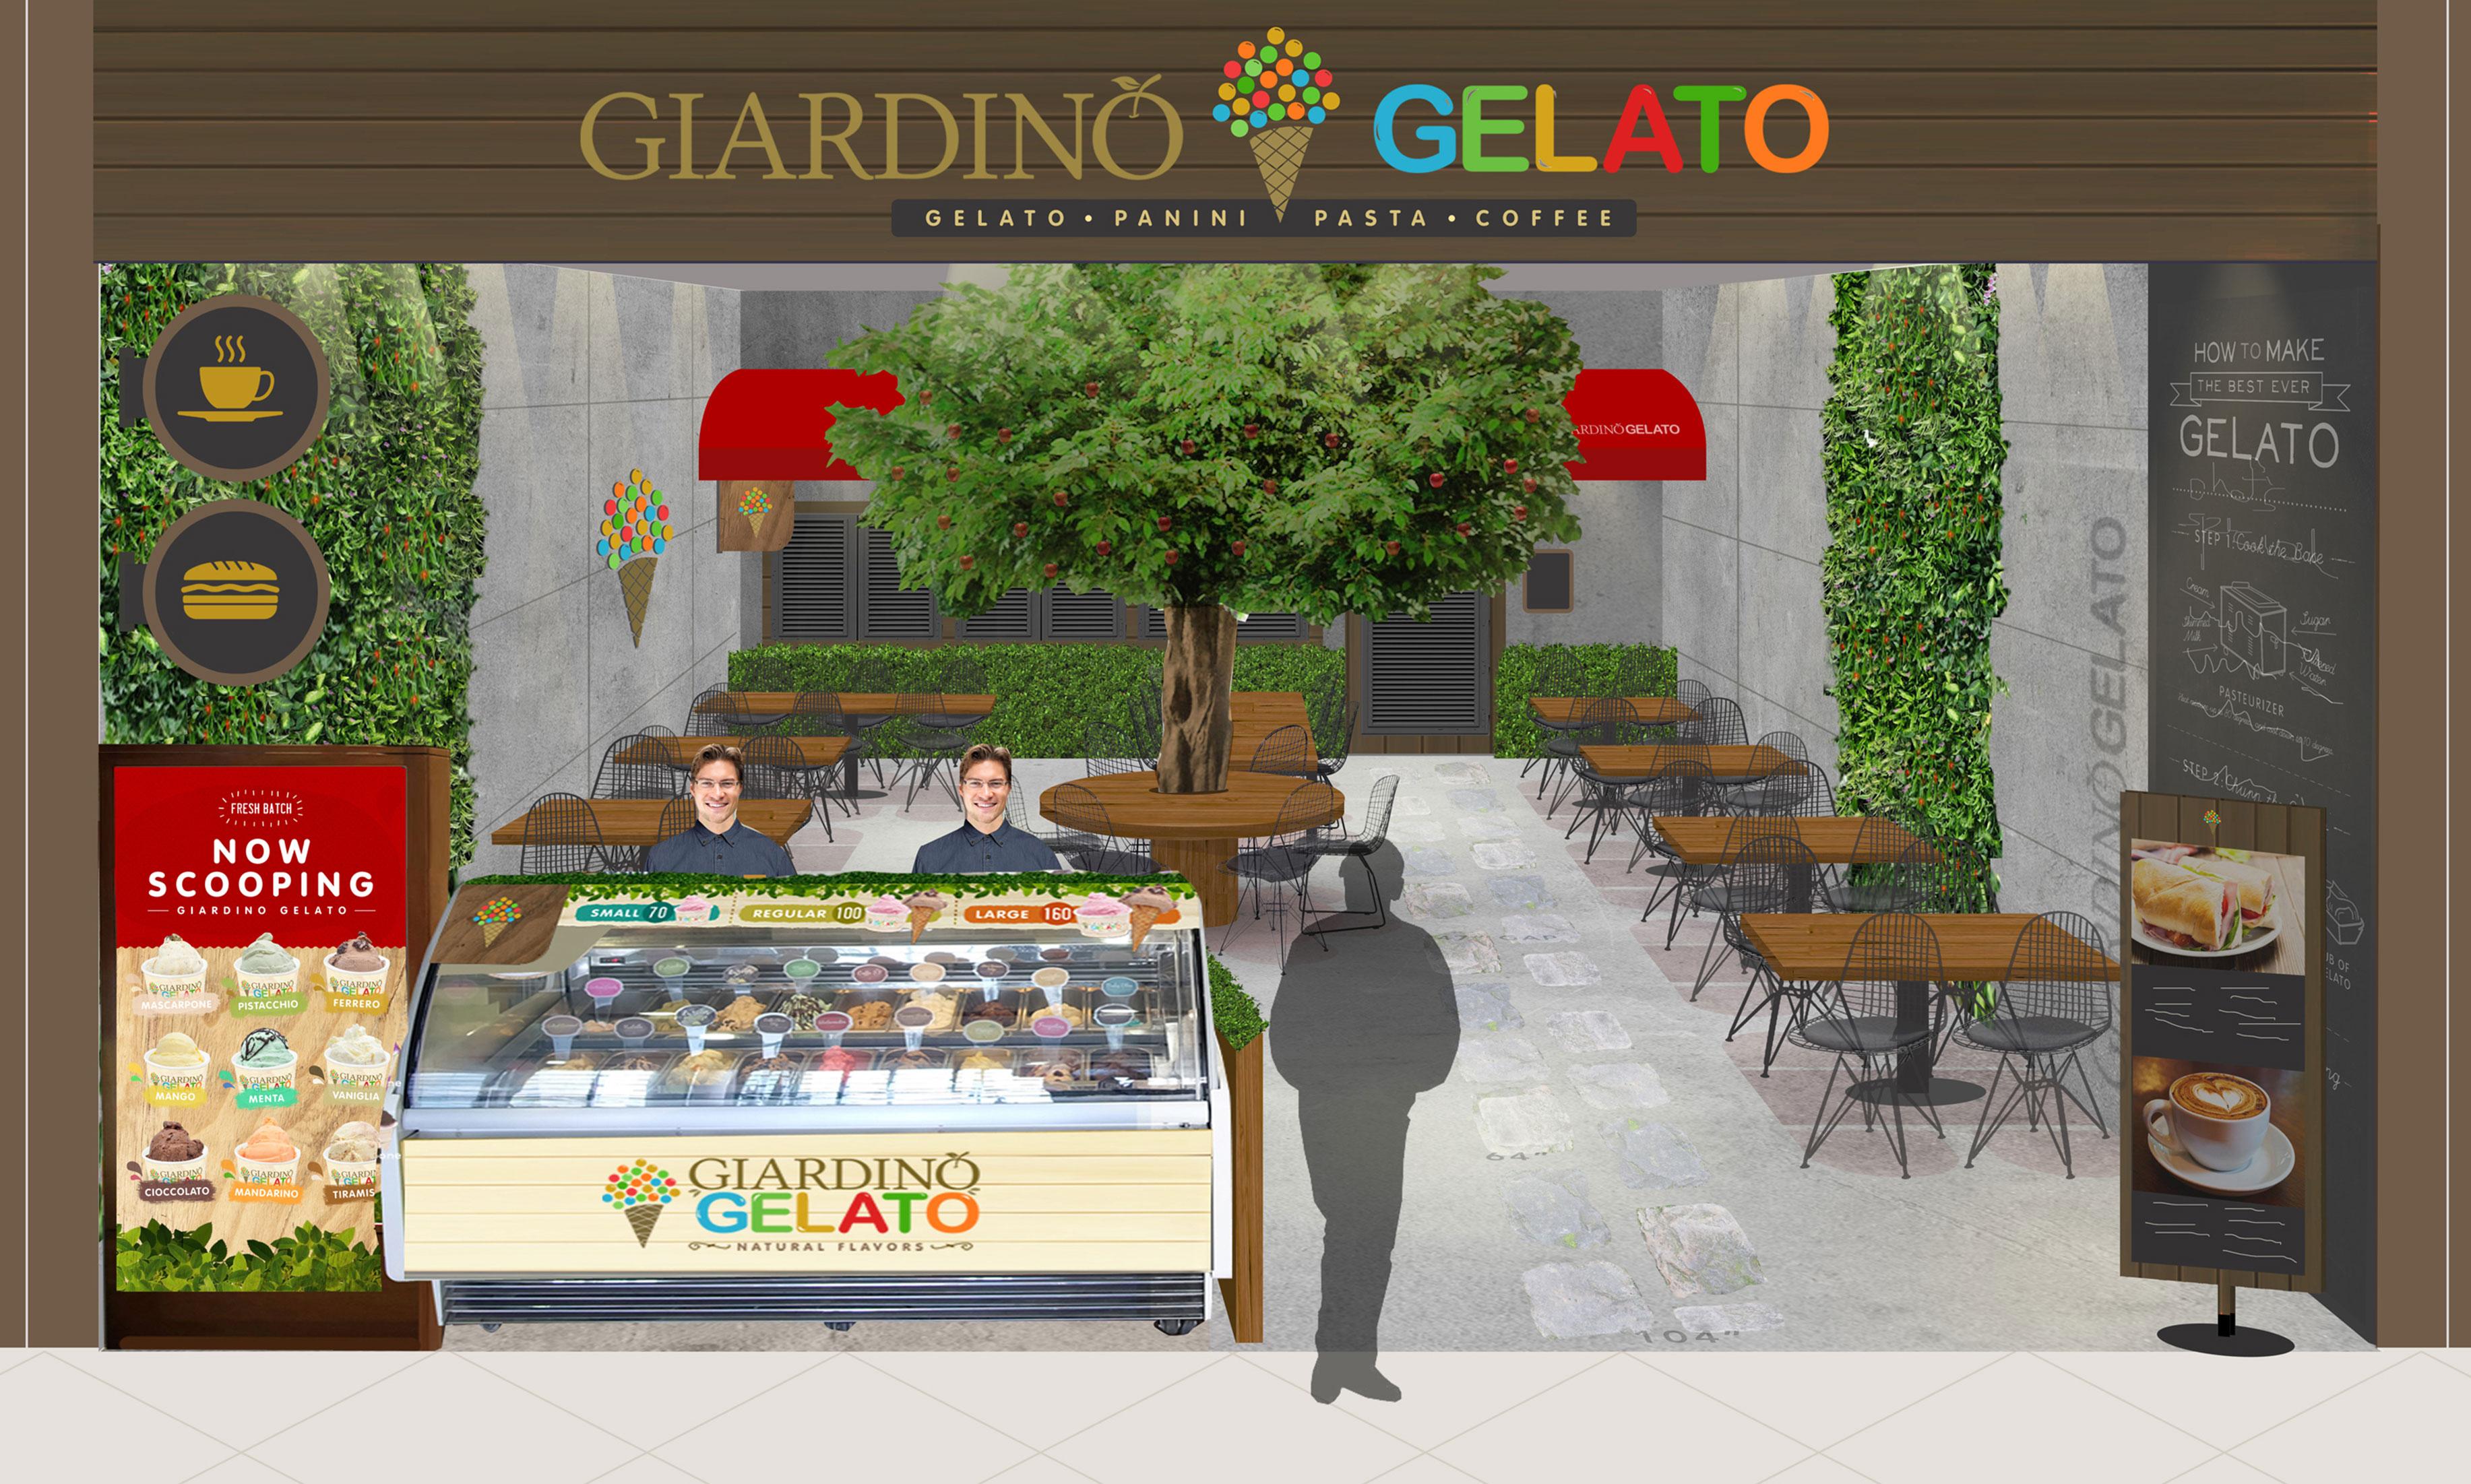 11-GiardinoGelato-Special-3